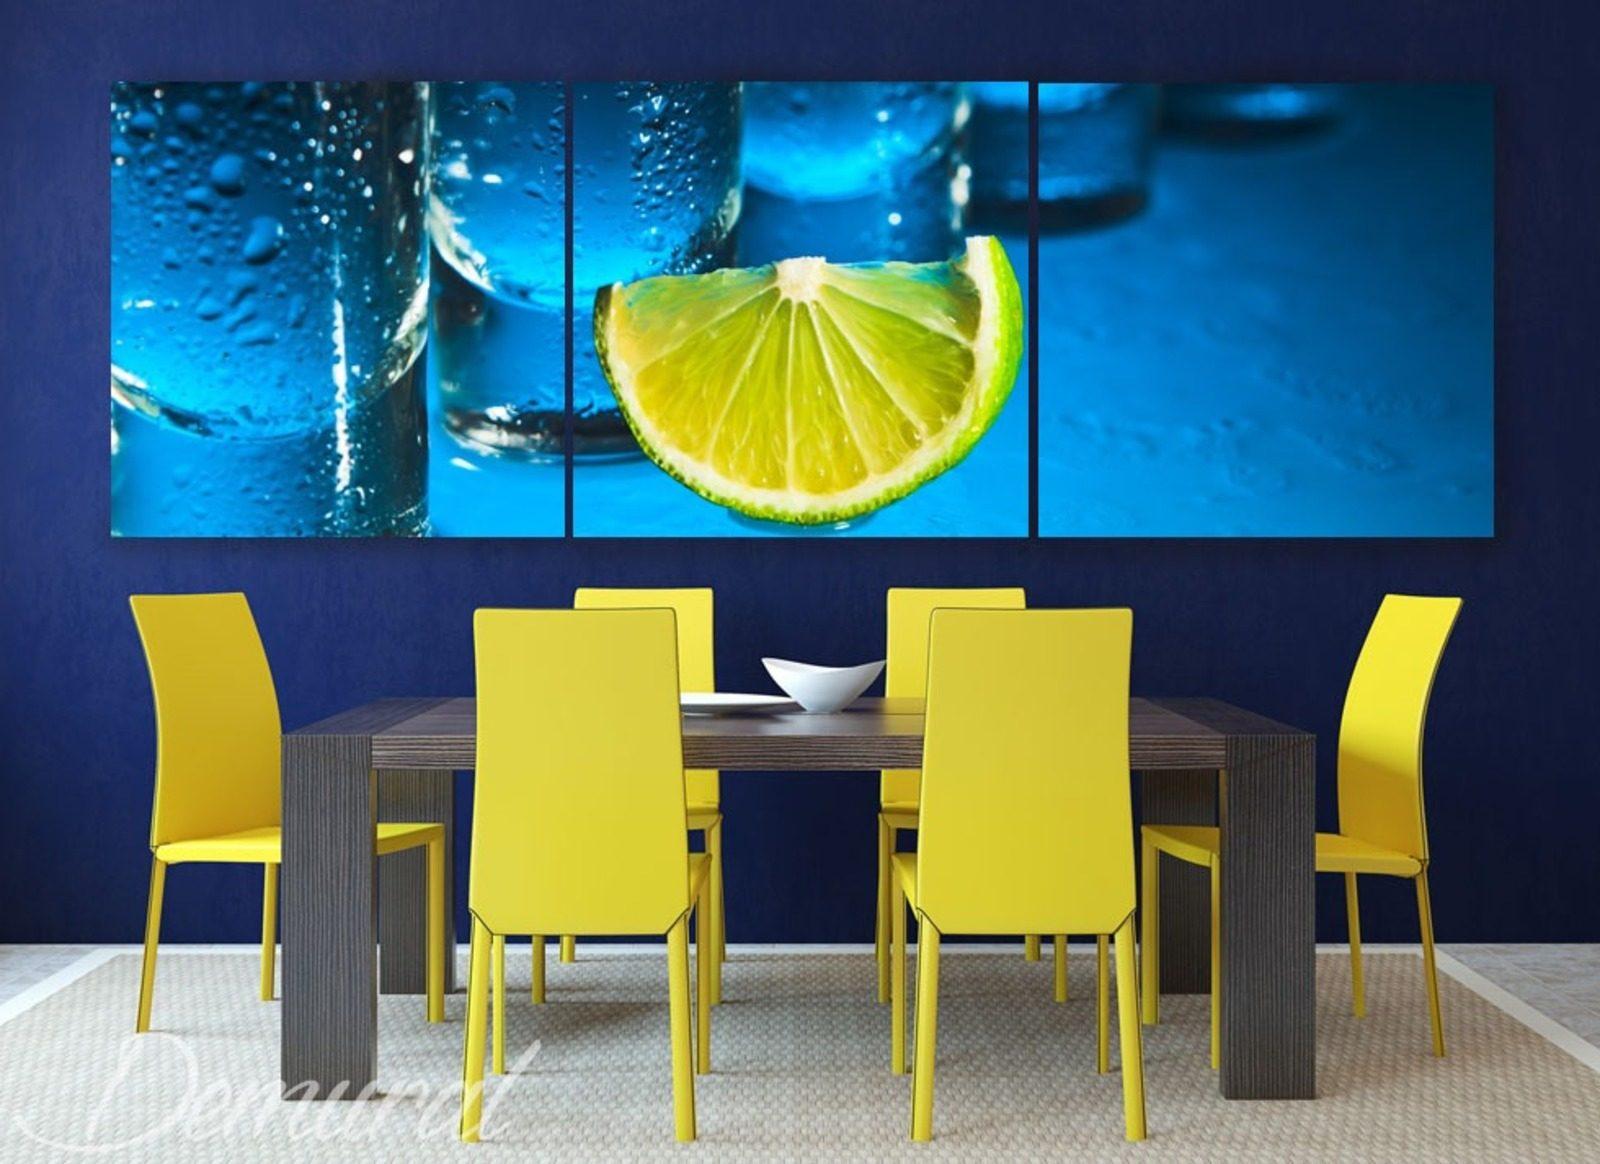 fraicheur du citron tableaux pour salle manger tableaux demural. Black Bedroom Furniture Sets. Home Design Ideas